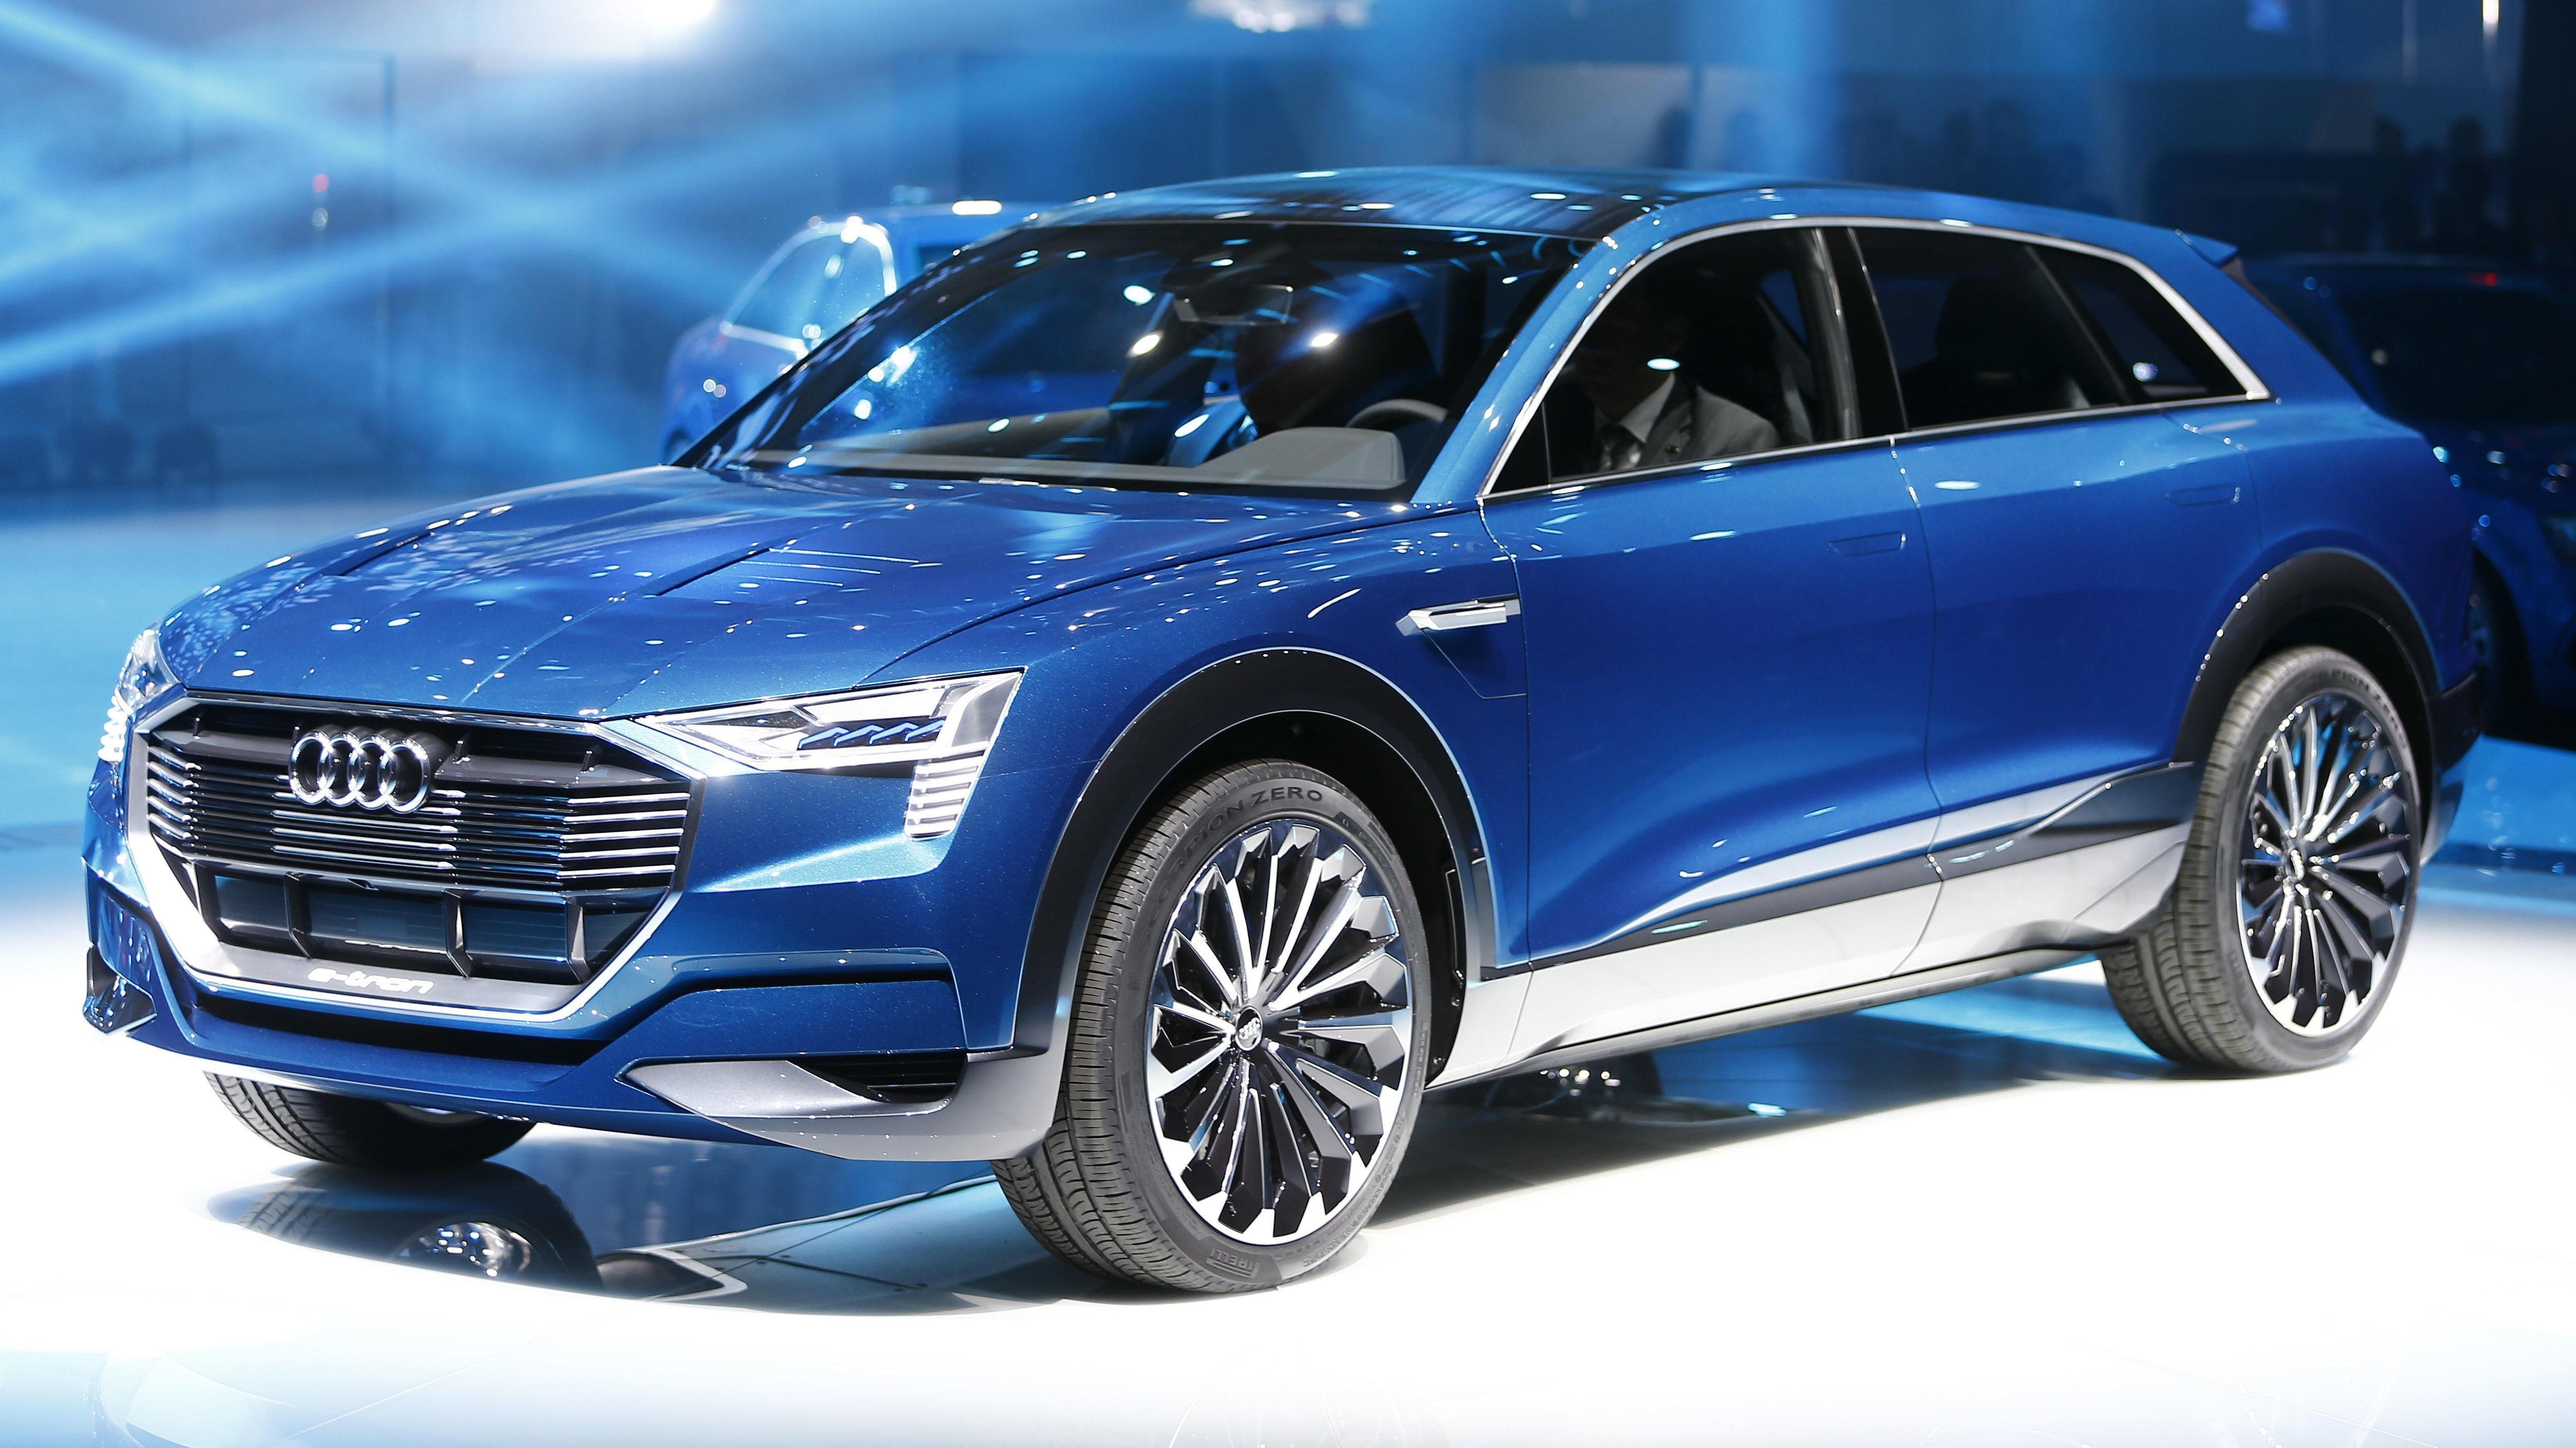 Audis kommende elbil Audi e-Tron Quattro skal bli den første langtrekkende elbilen som skal nyttiggjøre seg ladenettverket Ionity.